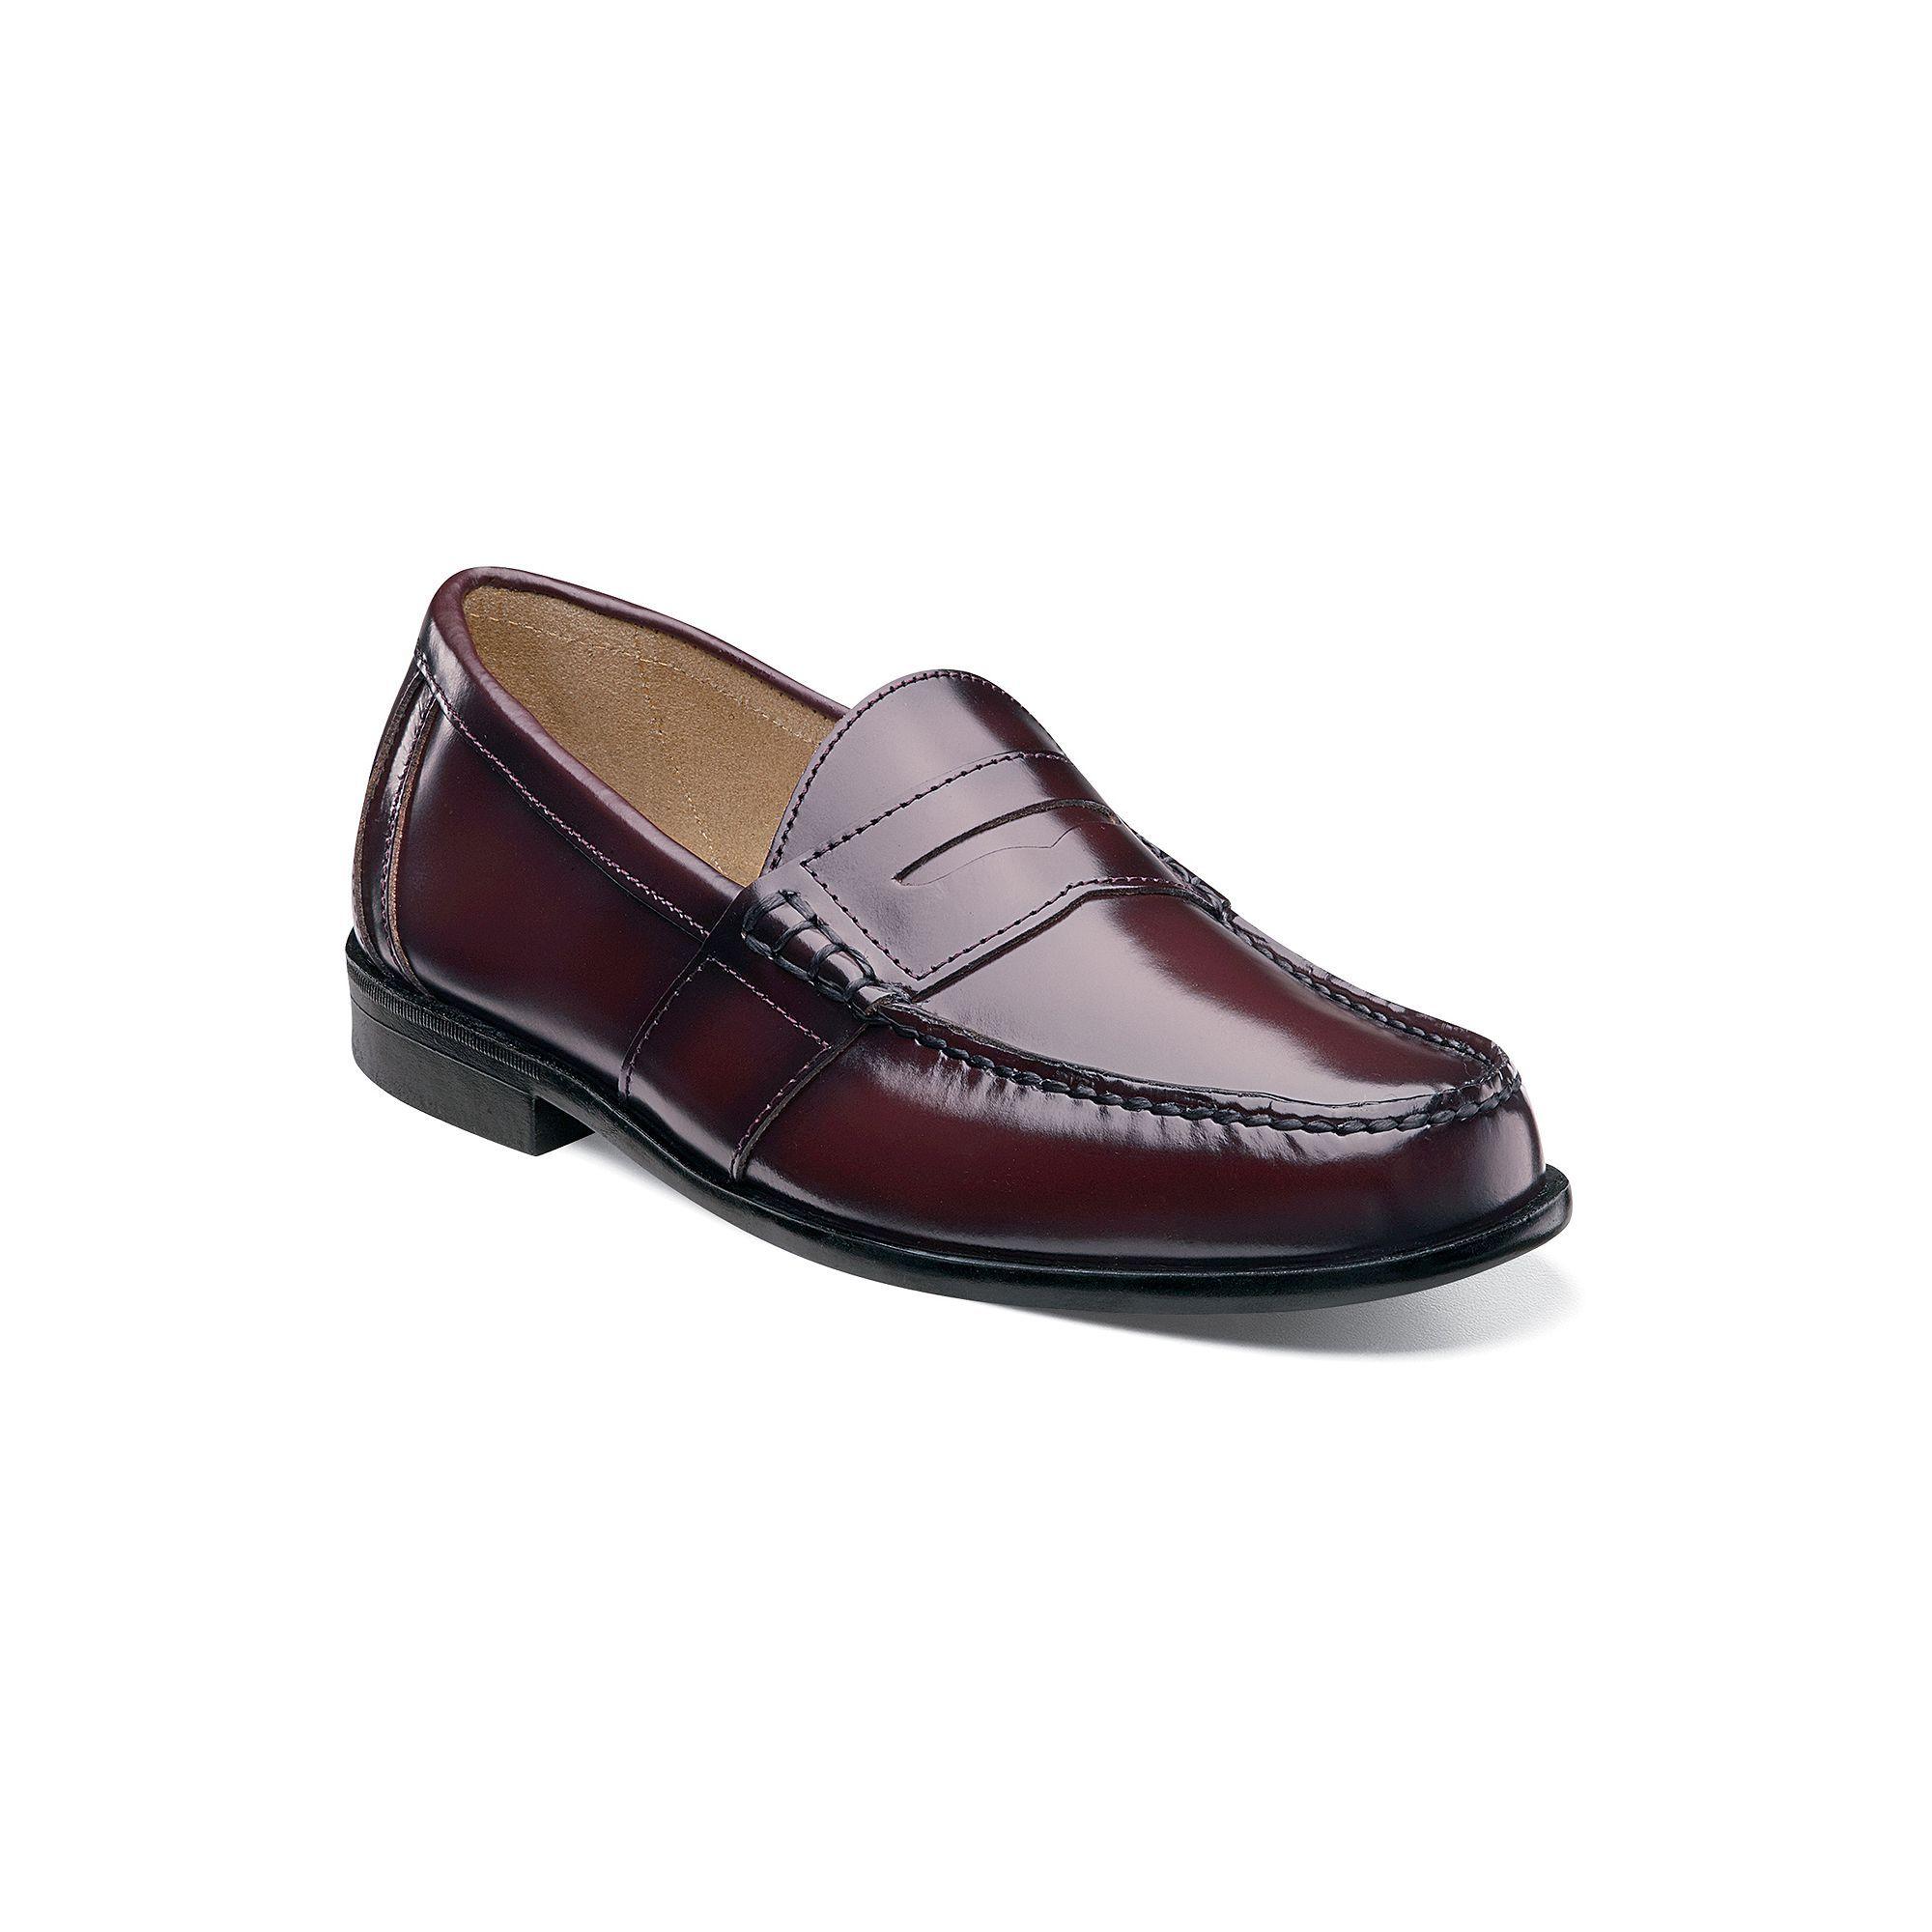 2eb1972babd Nunn Bush Kent Men s Moc Toe Penny Loafer Dress Shoes